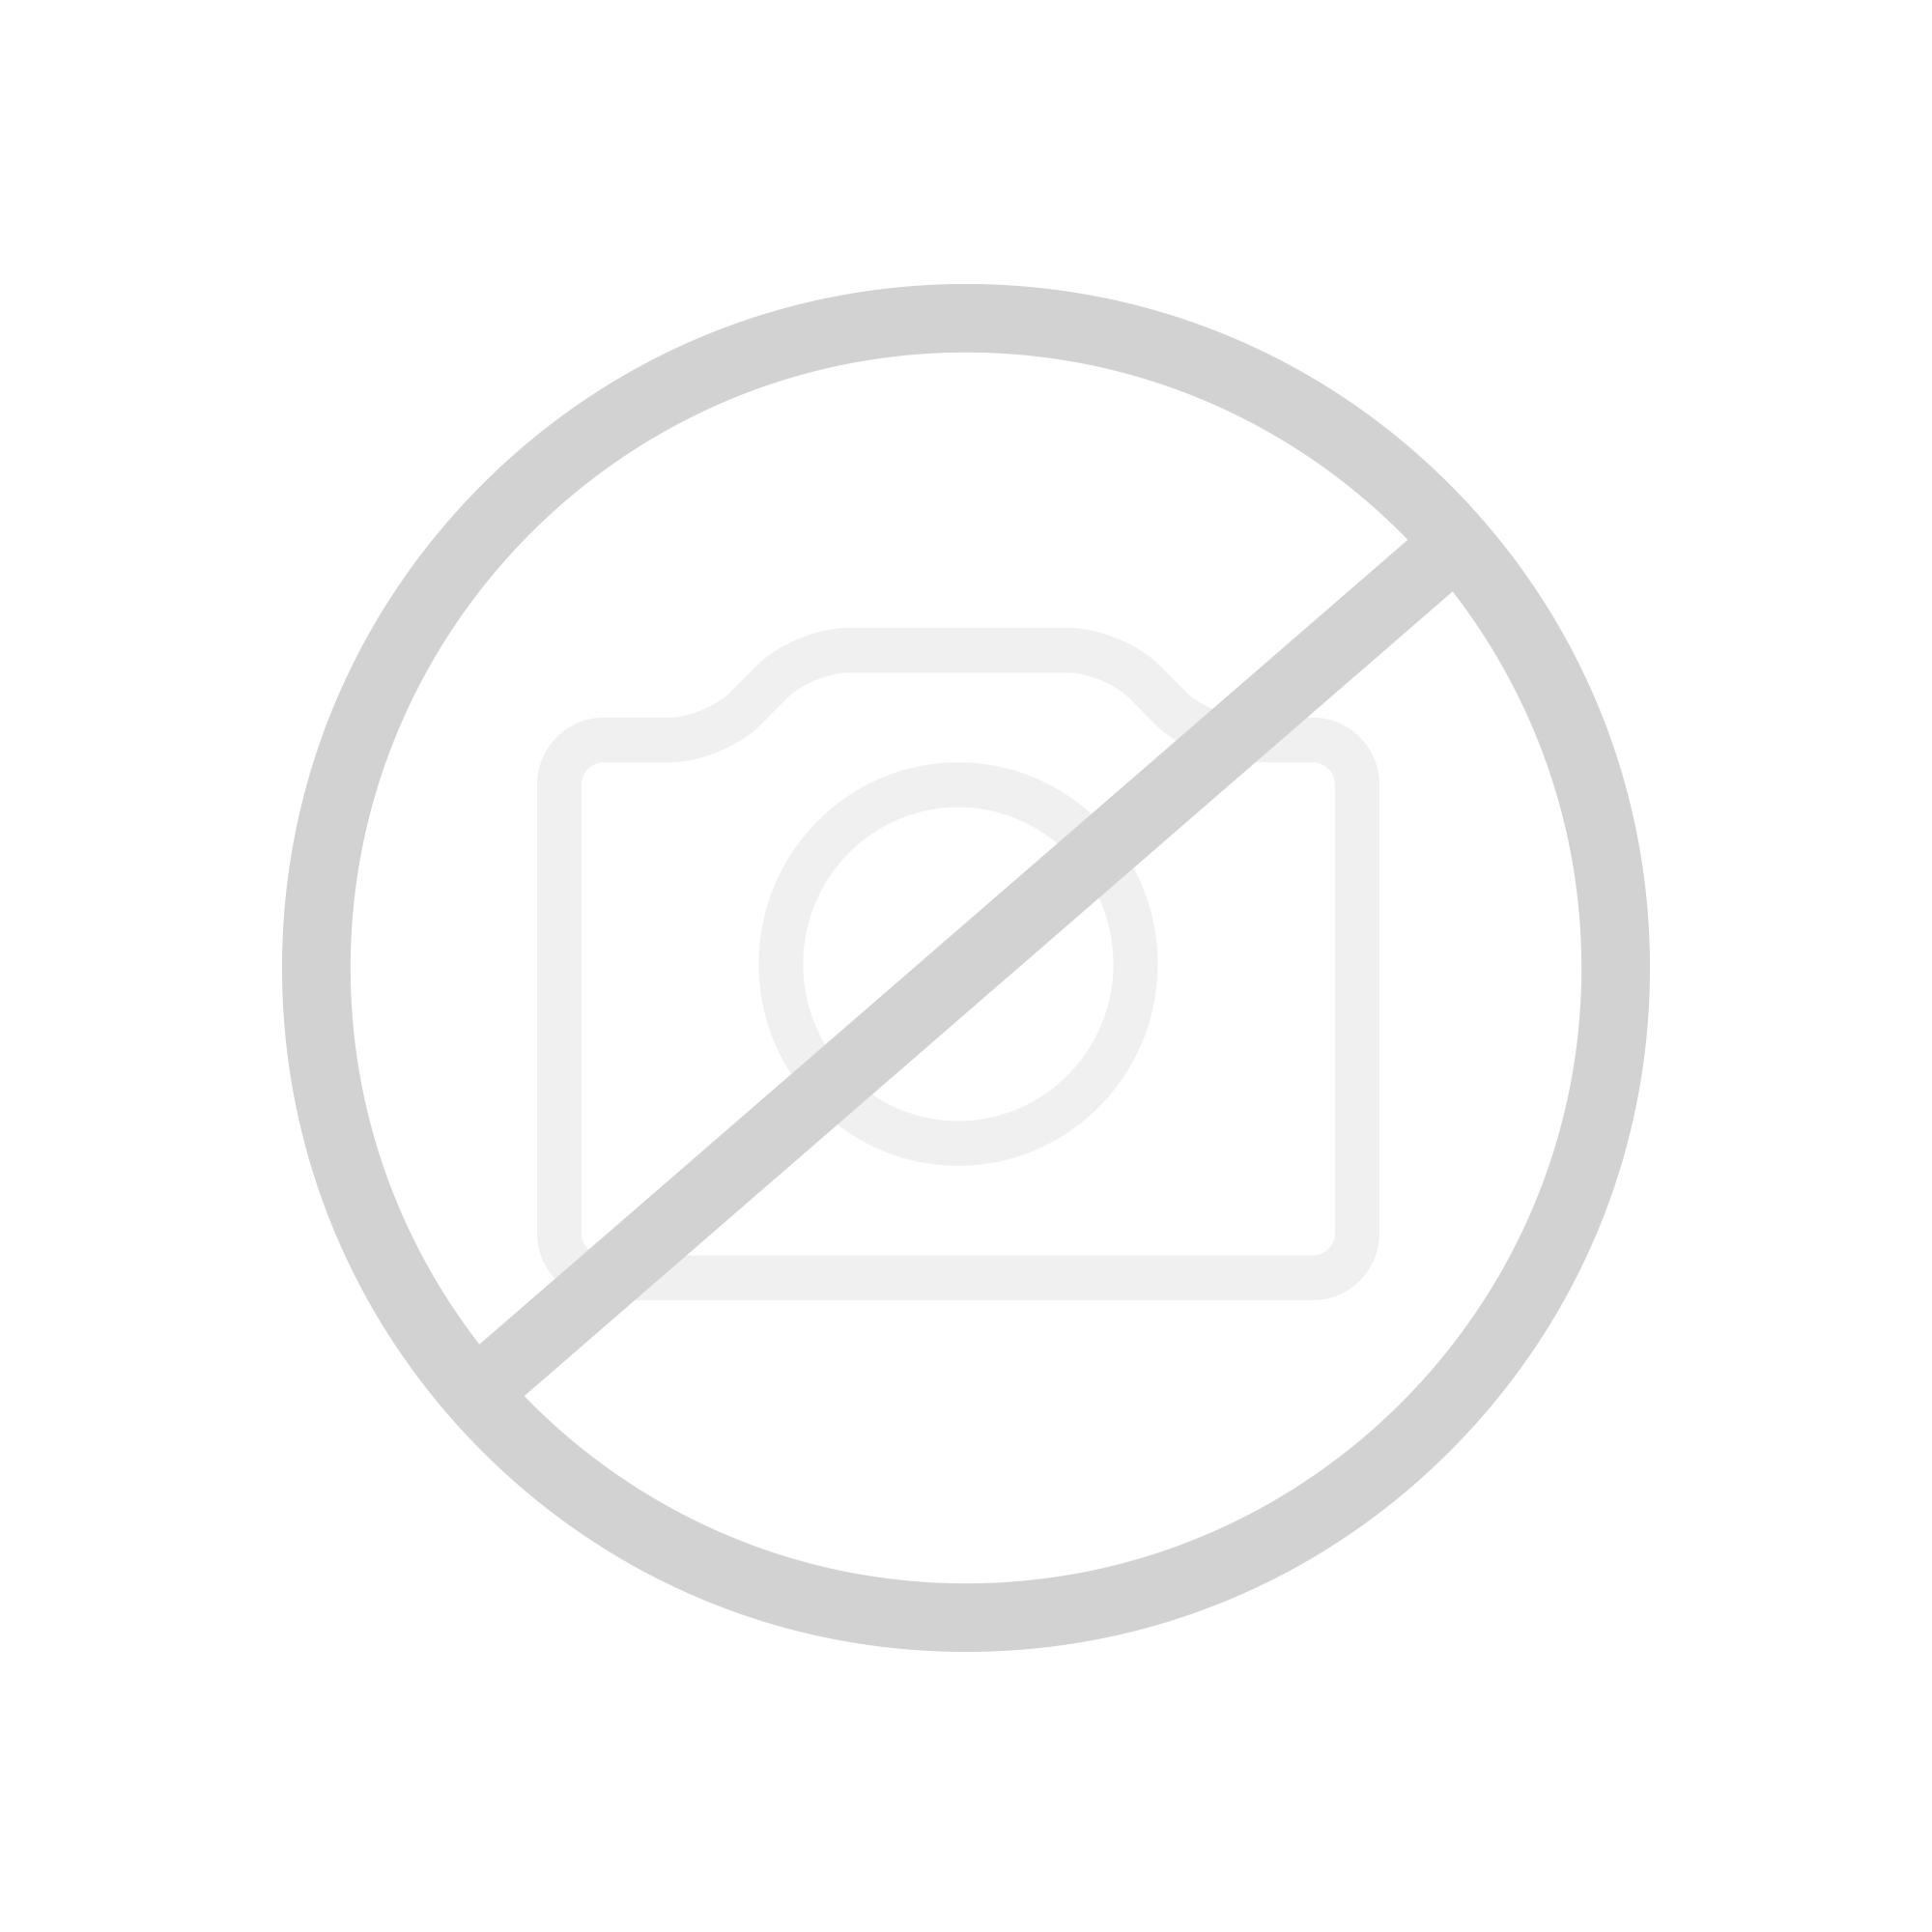 Flos MINI BUTTON Deckenleuchte / Wandleuchte